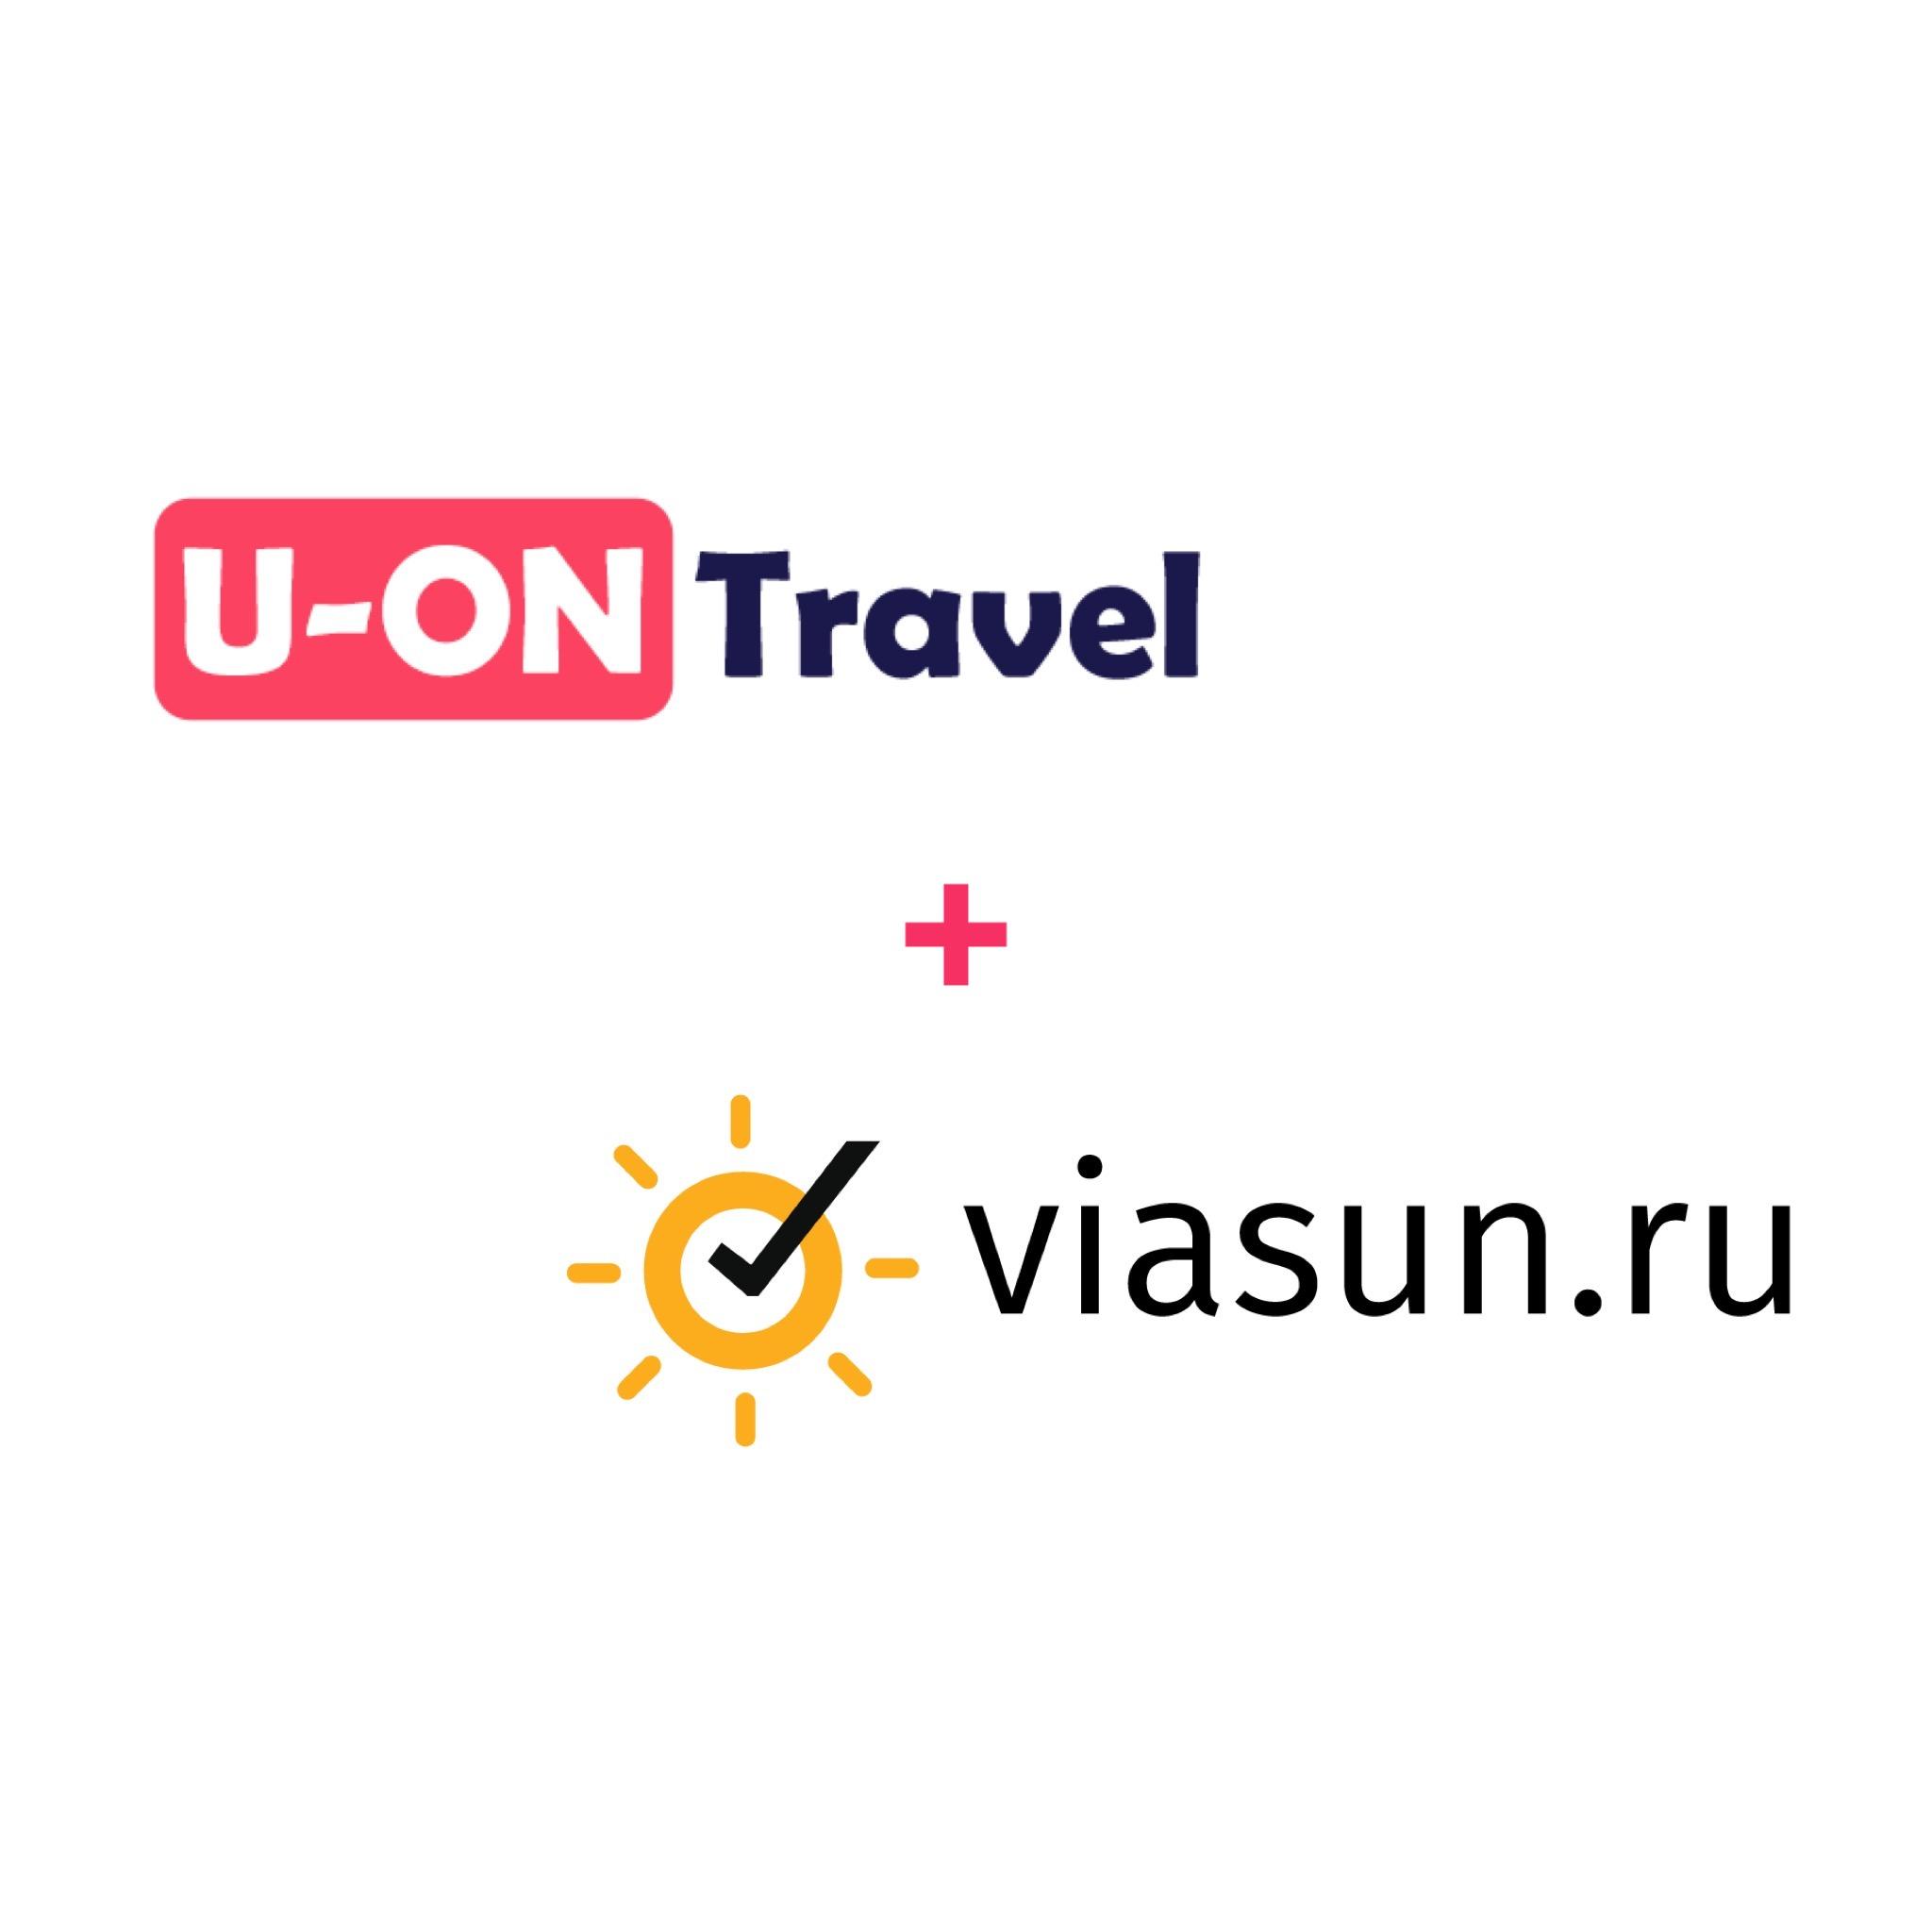 Простой способ получить заявки в личный кабинет U-ON.Travel. Обзор интеграции с Viasun